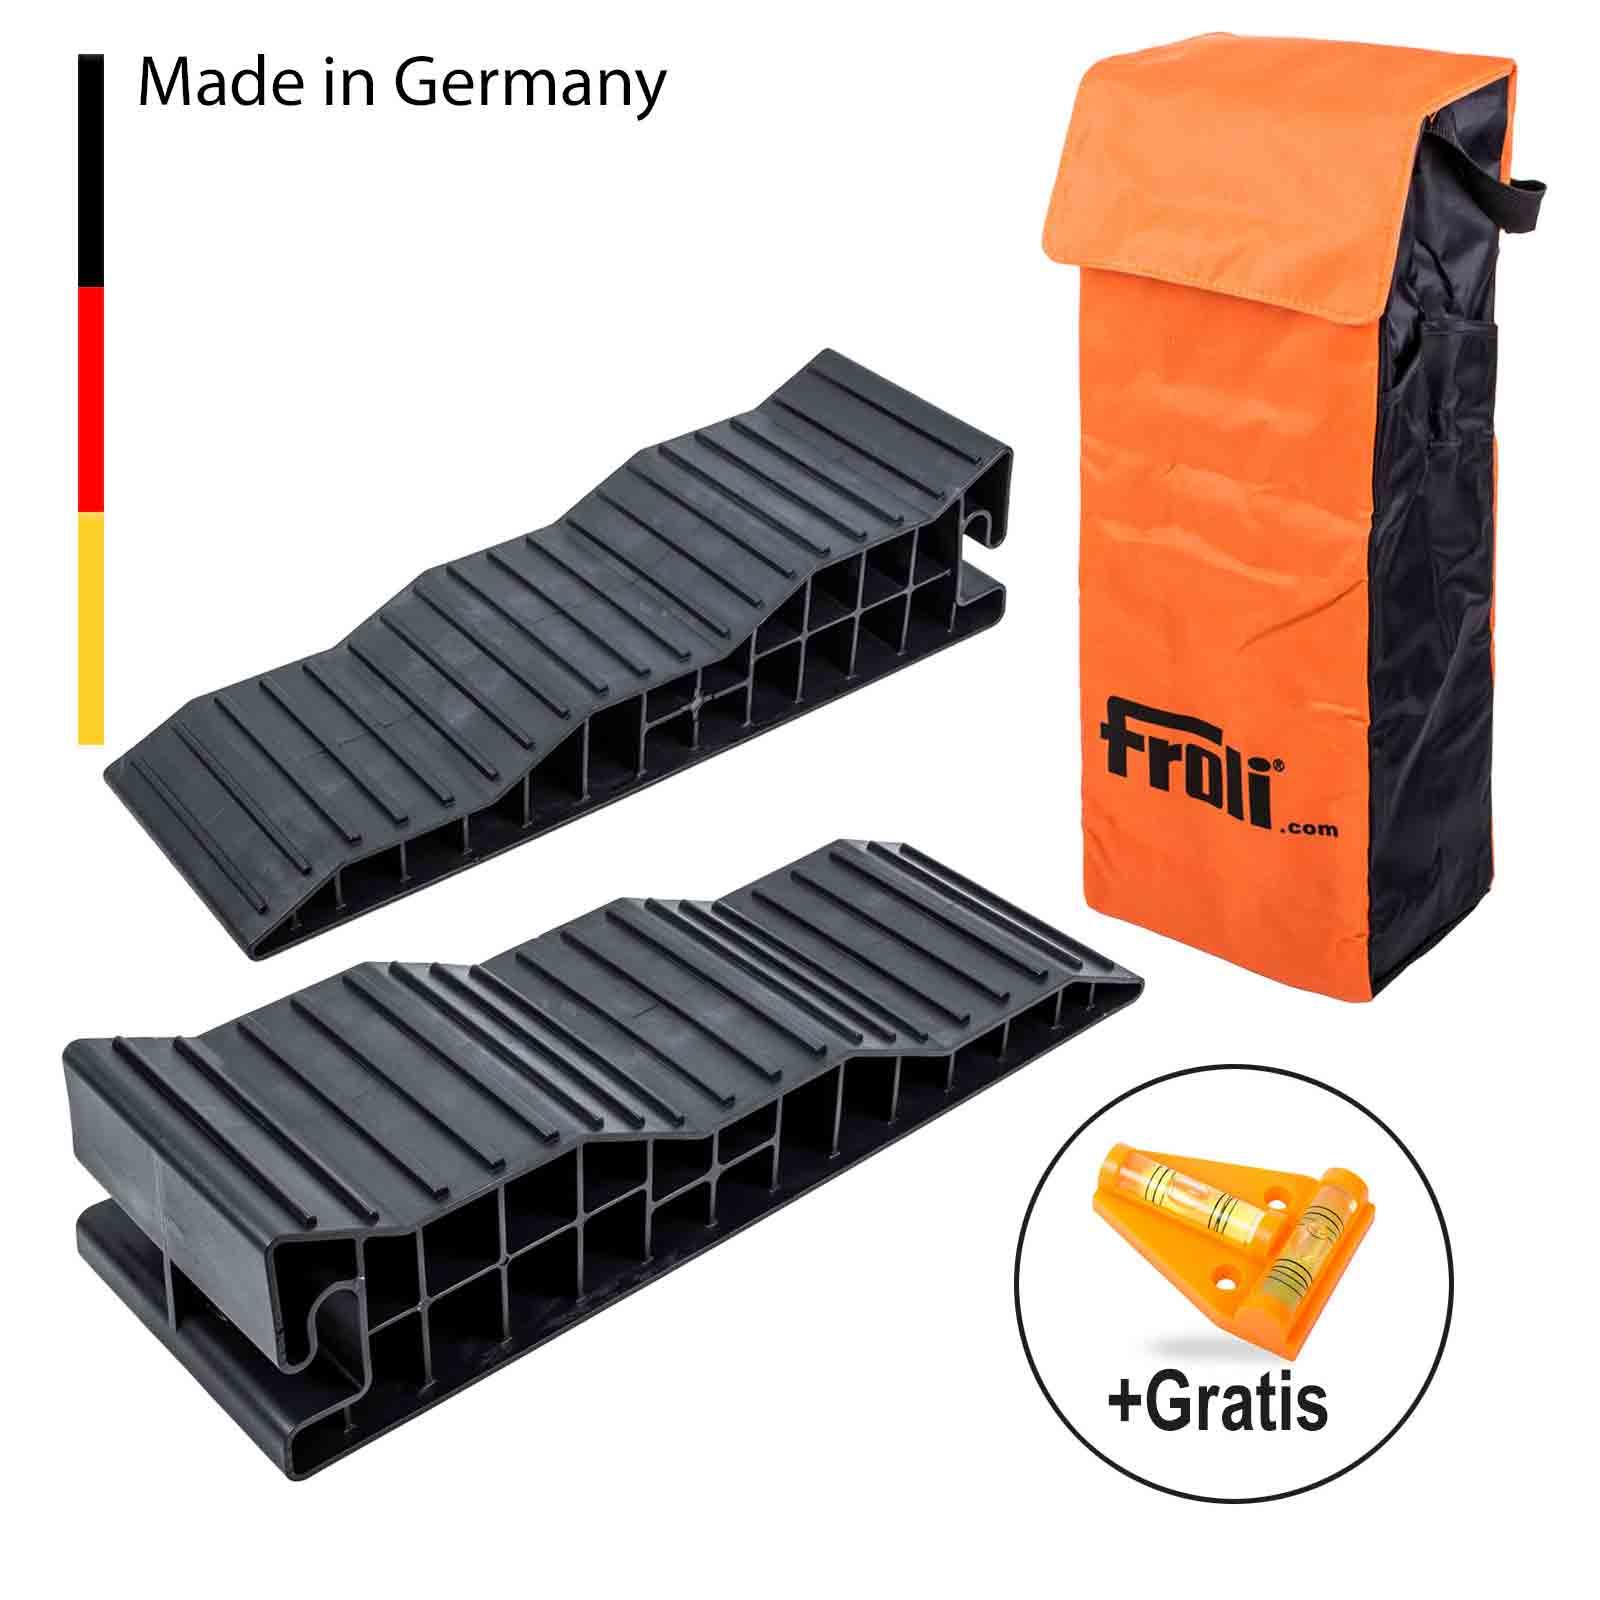 Froli Auffahrkeile Stufenkeile für Wohnwagen & Wohnmobil 8t + Waage